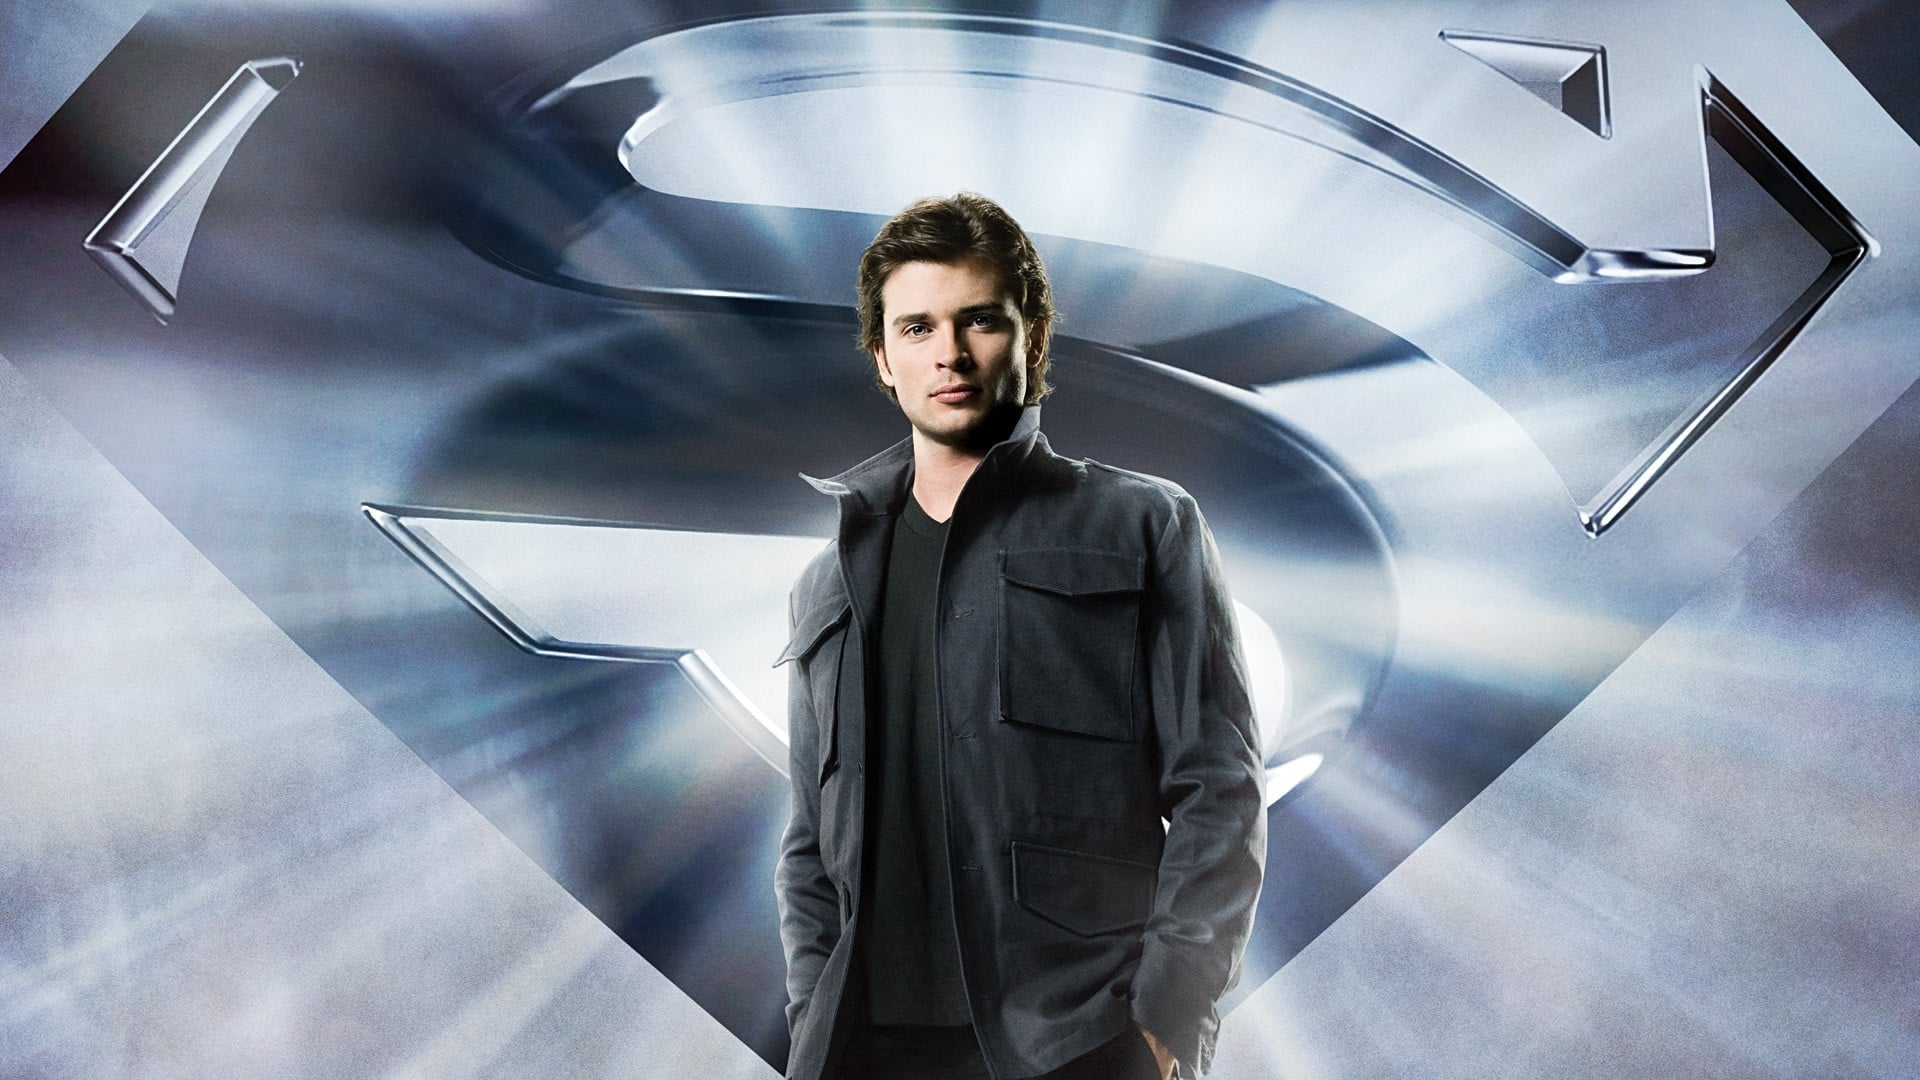 Smallville - Season 10 Episode 8 Abandoned